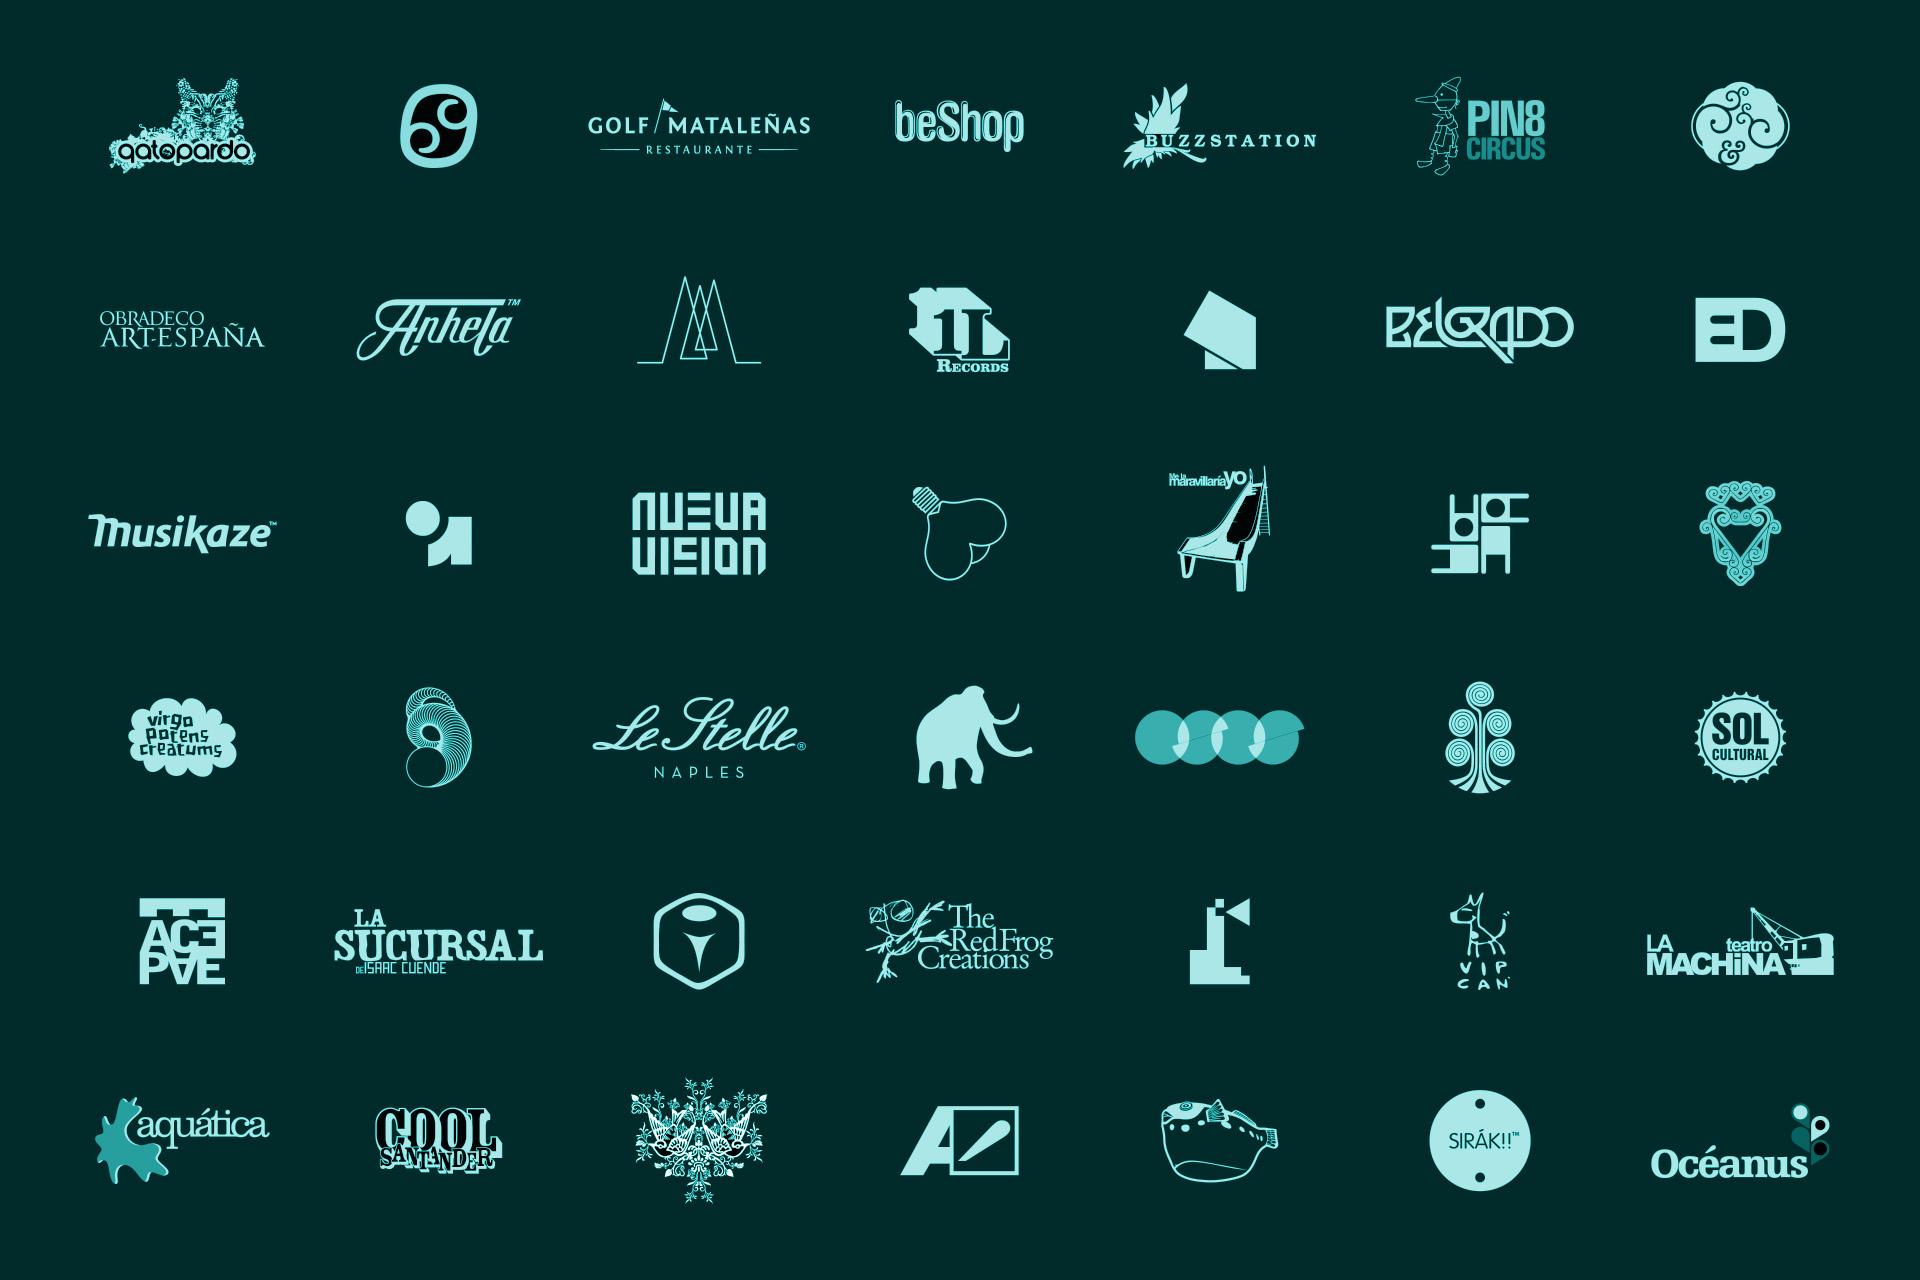 diseño de logotipos - Beusual diseño grafico - 001